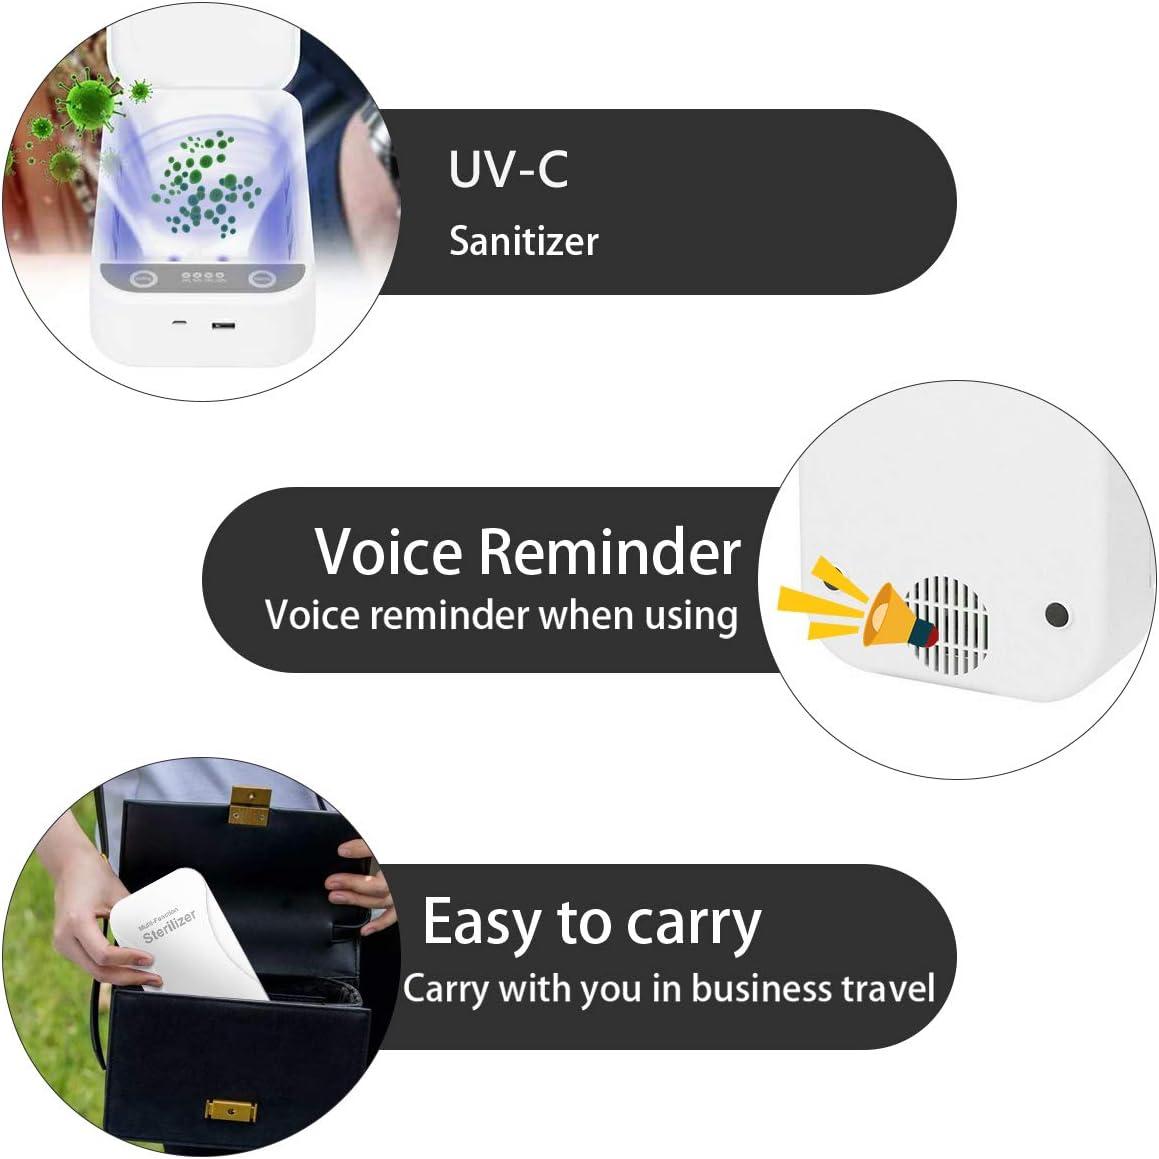 ACADGQ Scatola Portatile per Disinfezione UV,Sterilizzatore Sterilizzante a luce UV per telefono cellulare,Multifunzionale Portatile sterilizzatore UV Mask sterilizzatore con Funzione aromaterapia Blu